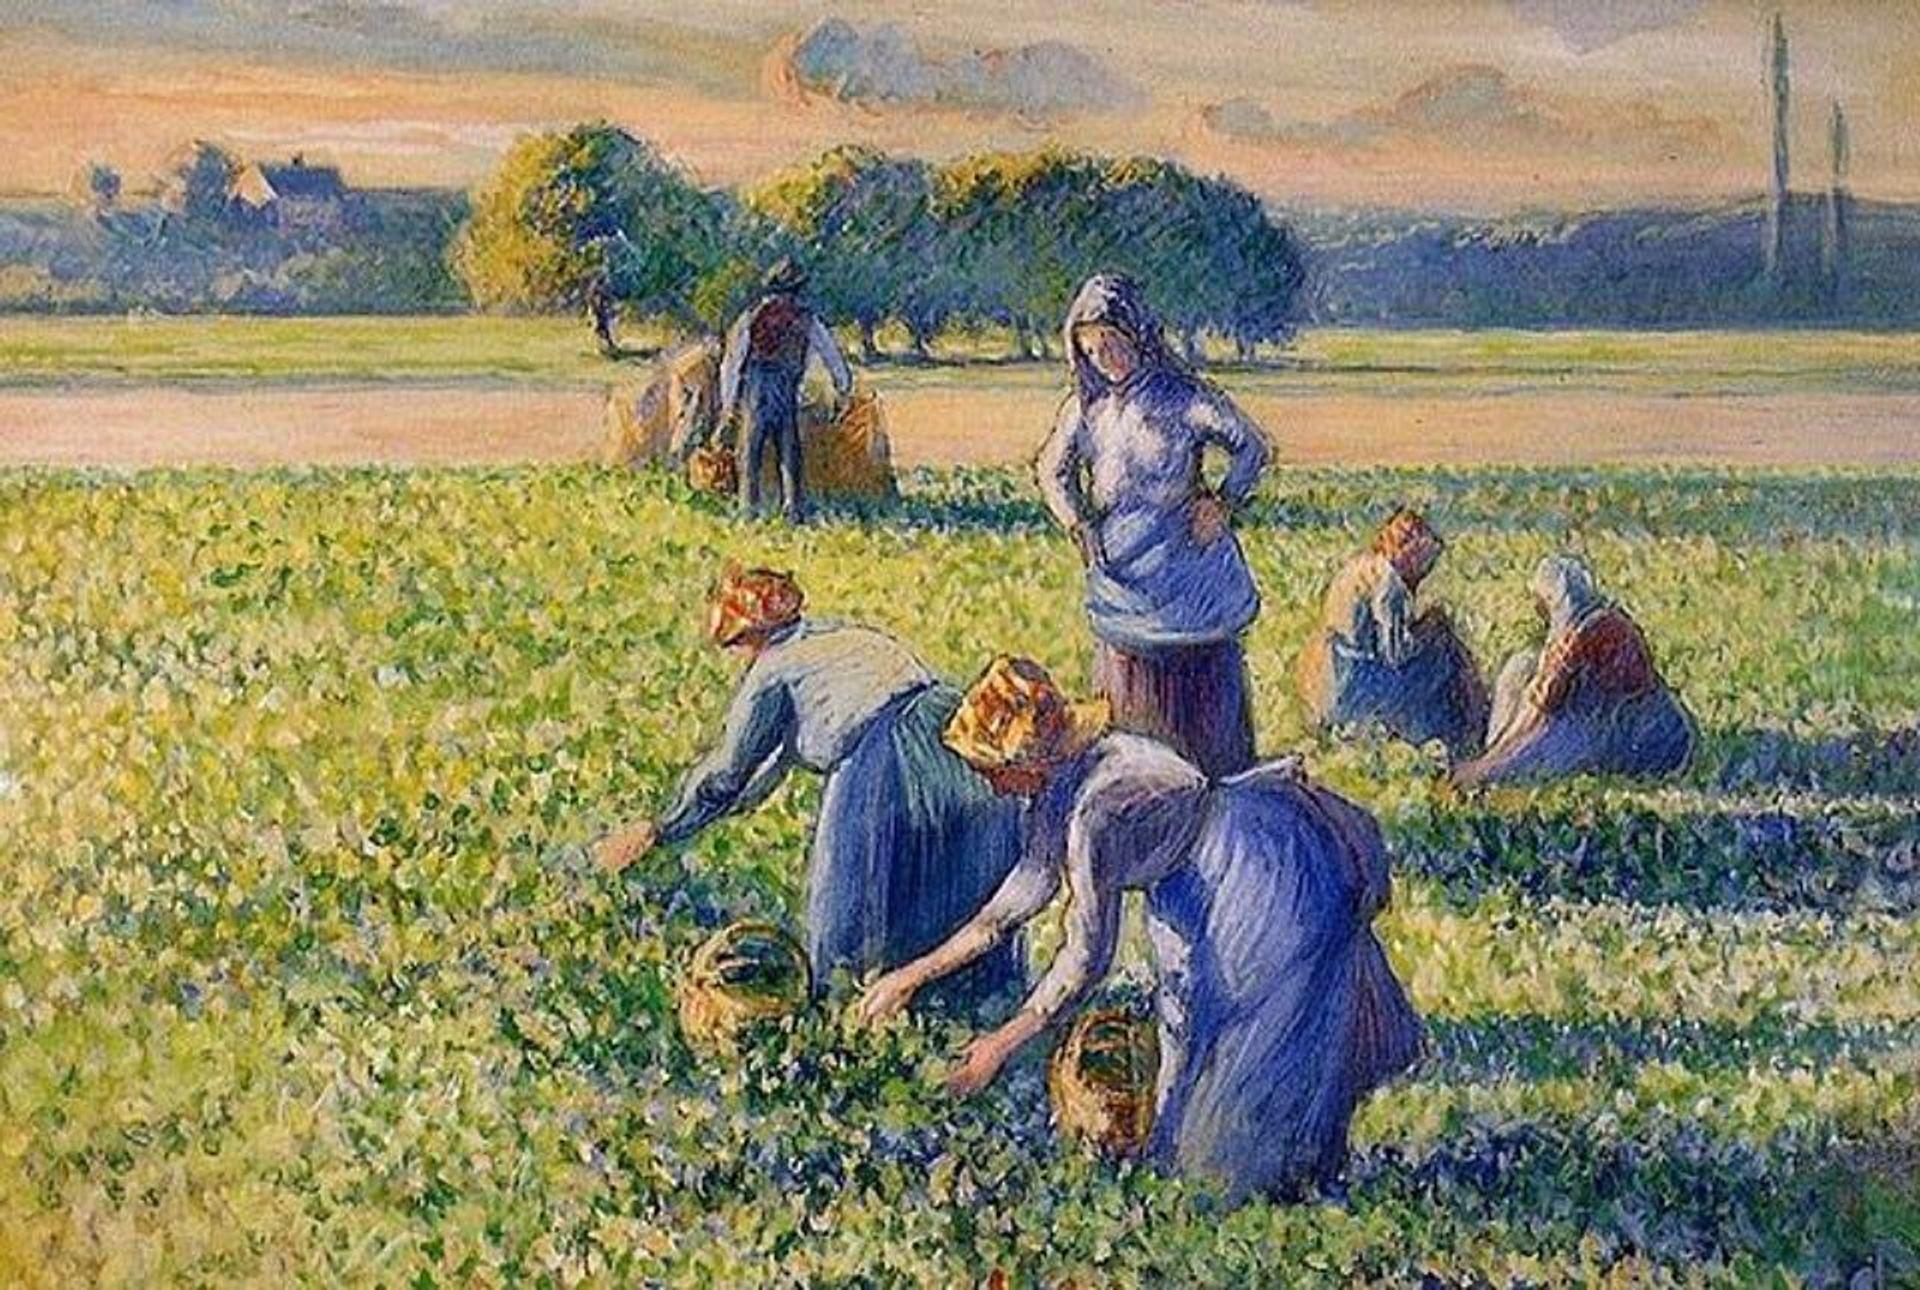 La cueillette des pois (The Pea Harvest, 1887) by Camille Pissarro Public domain via Wikimedia Commons